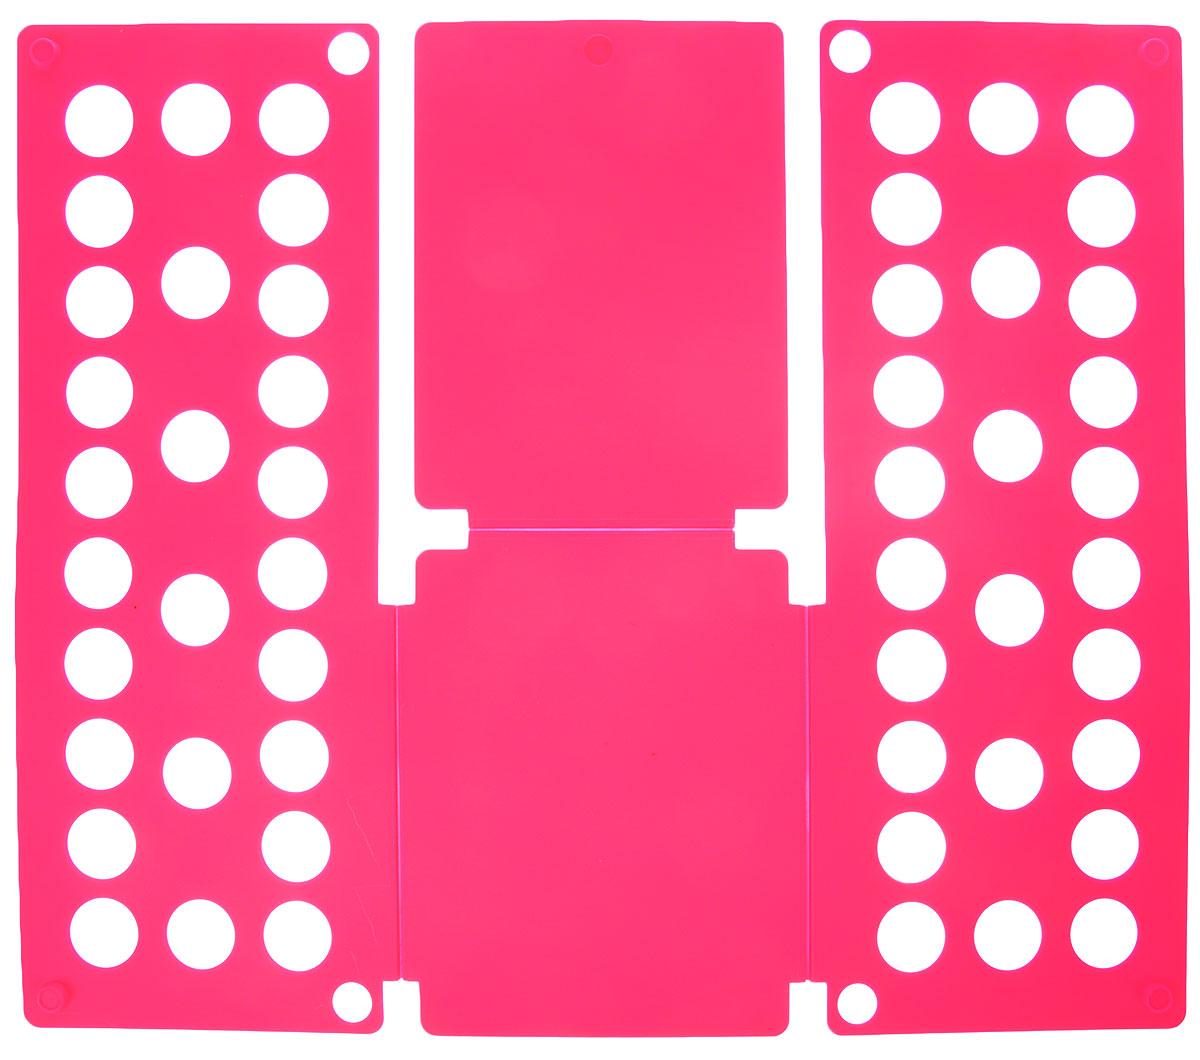 Приспособление для складывания детской одежды Sima-land, цвет: розовый1411846_розовыйПриспособление для складывания одежды Sima-land поможет навести порядок в вашем шкафу. С ним вы сможете быстро и аккуратно сложить вещи. Приспособление подходит для складывания полотенец, рубашек поло, вещей с короткими и длинными рукавами, футболок, штанов. Не подойдет для больших размеров одежды. Приспособление выполнено из качественного прочного пластика. Изделие компактно складывается и не занимает много места при хранении.Размер в сложенном виде: 40 х 16 см.Размер в разложенном виде: 48 х 40 см.